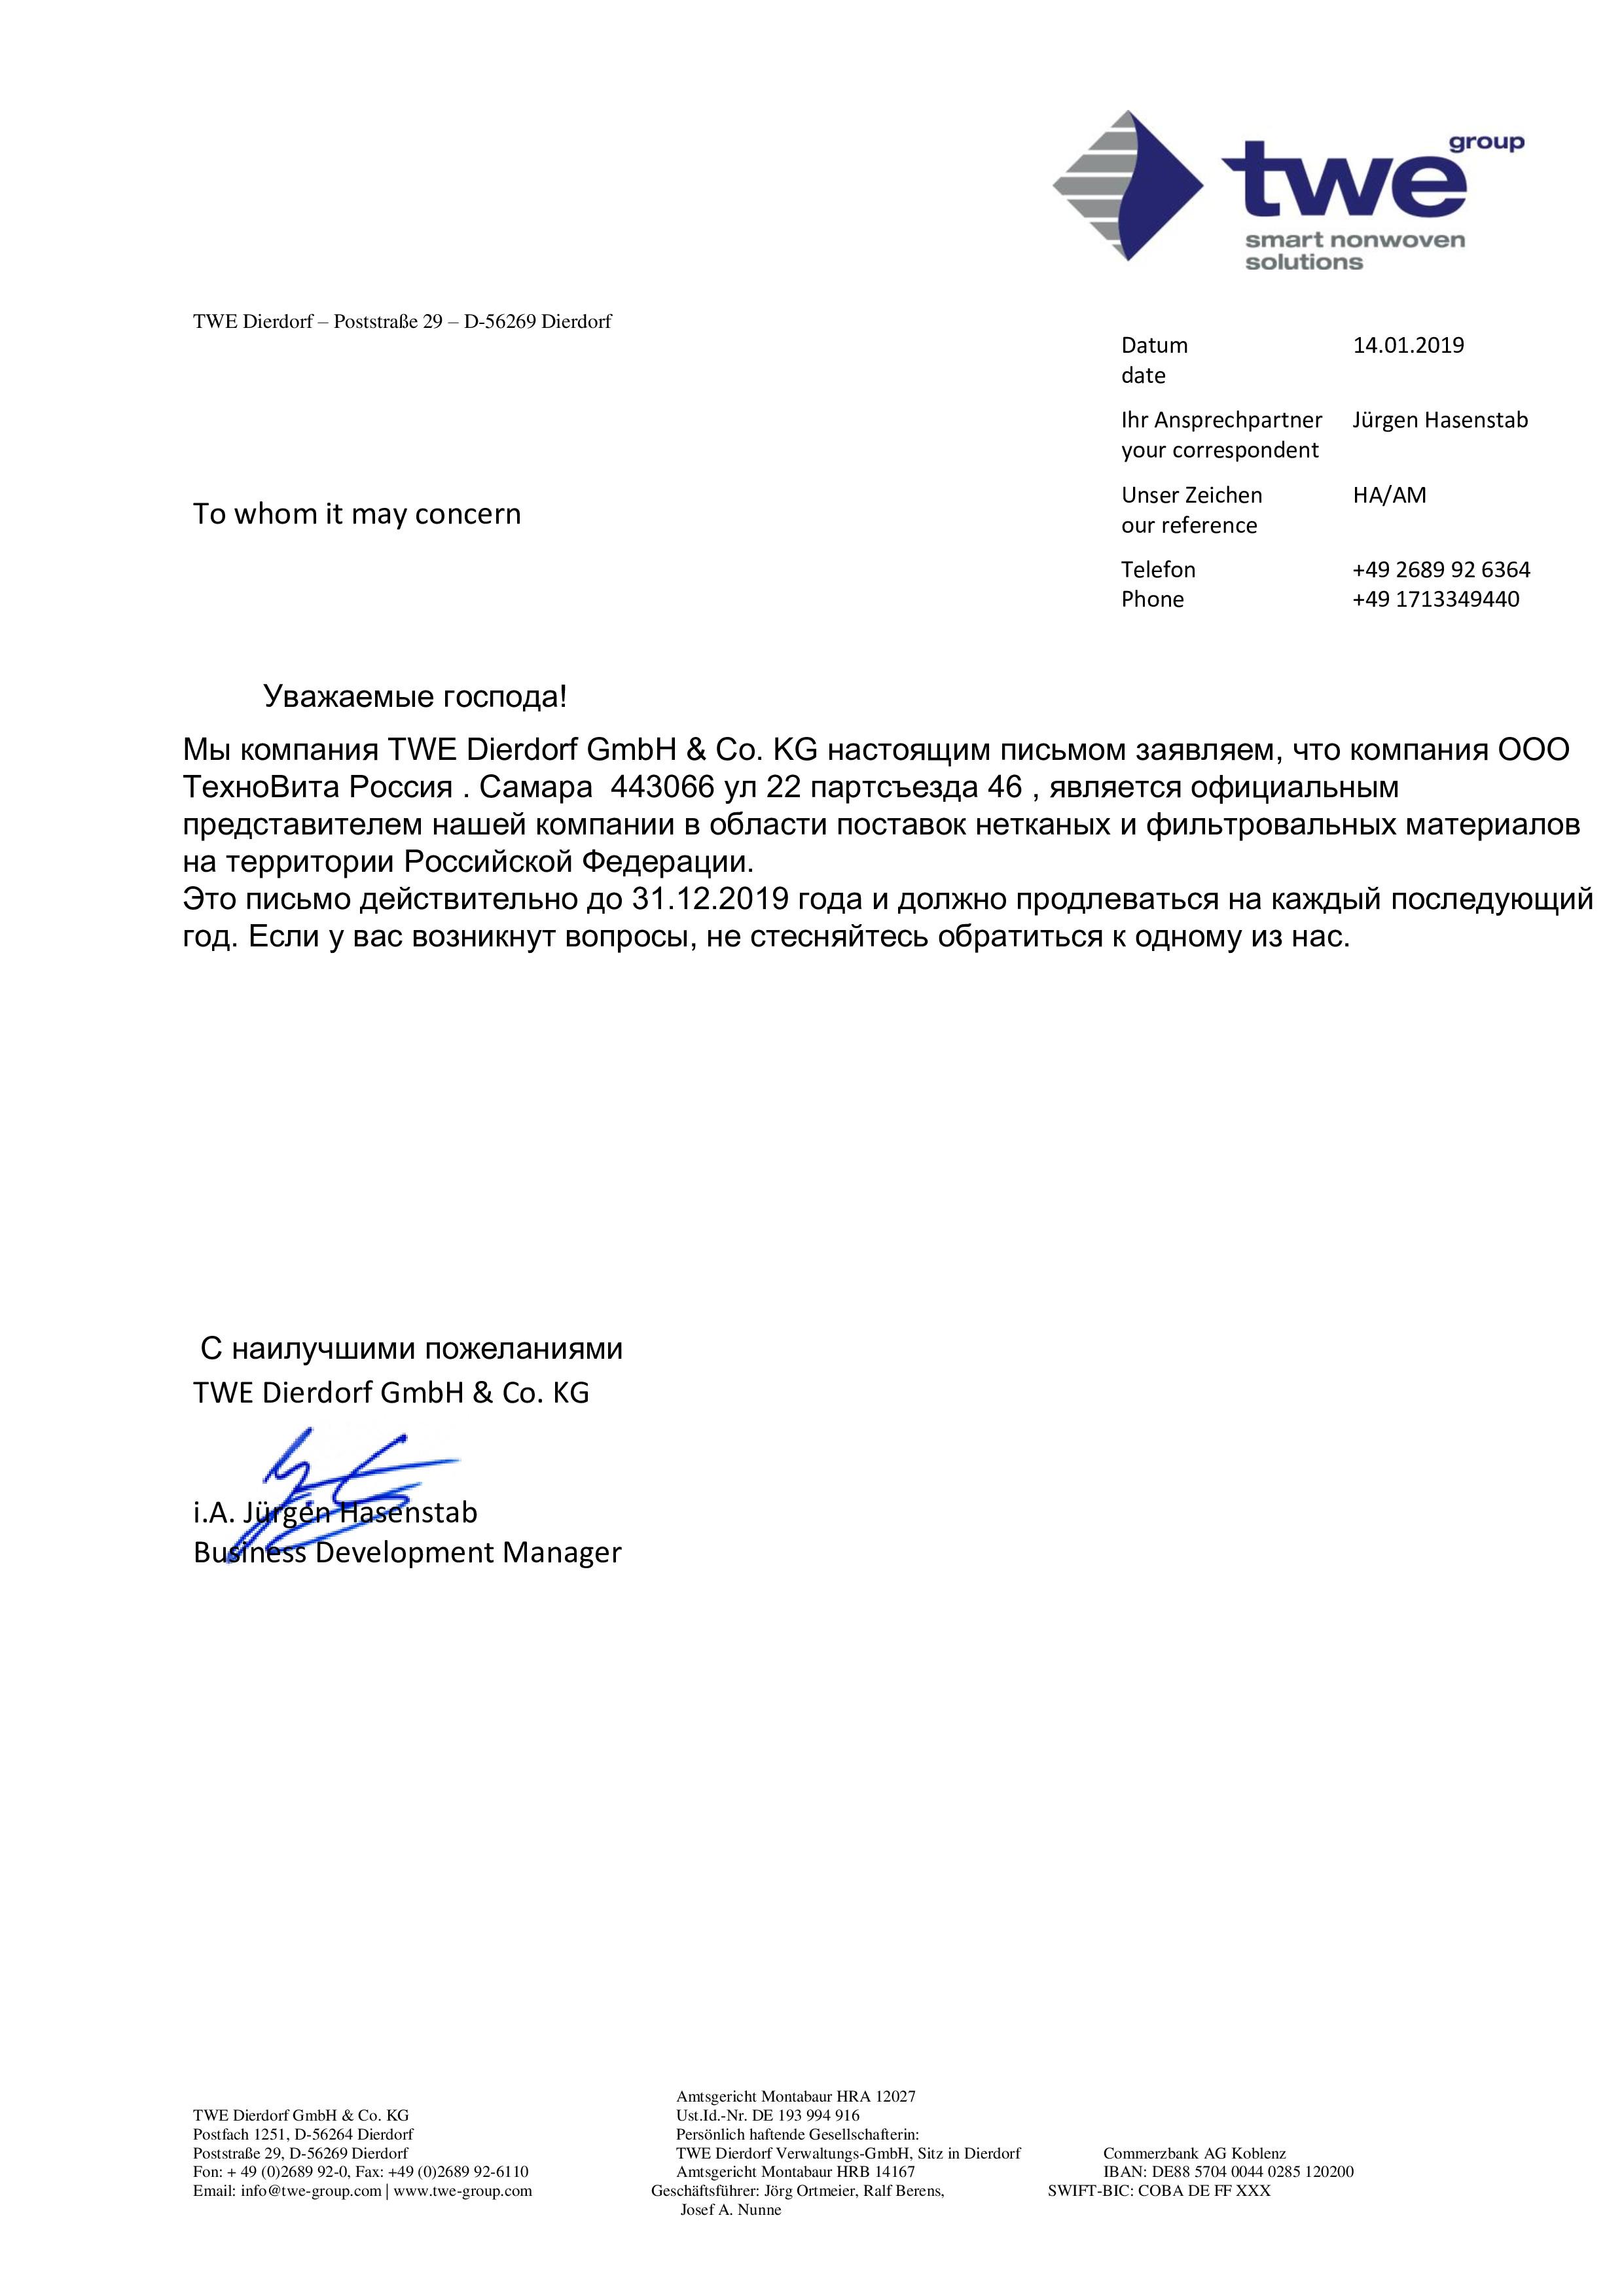 Официальный сертификат продукции TWE